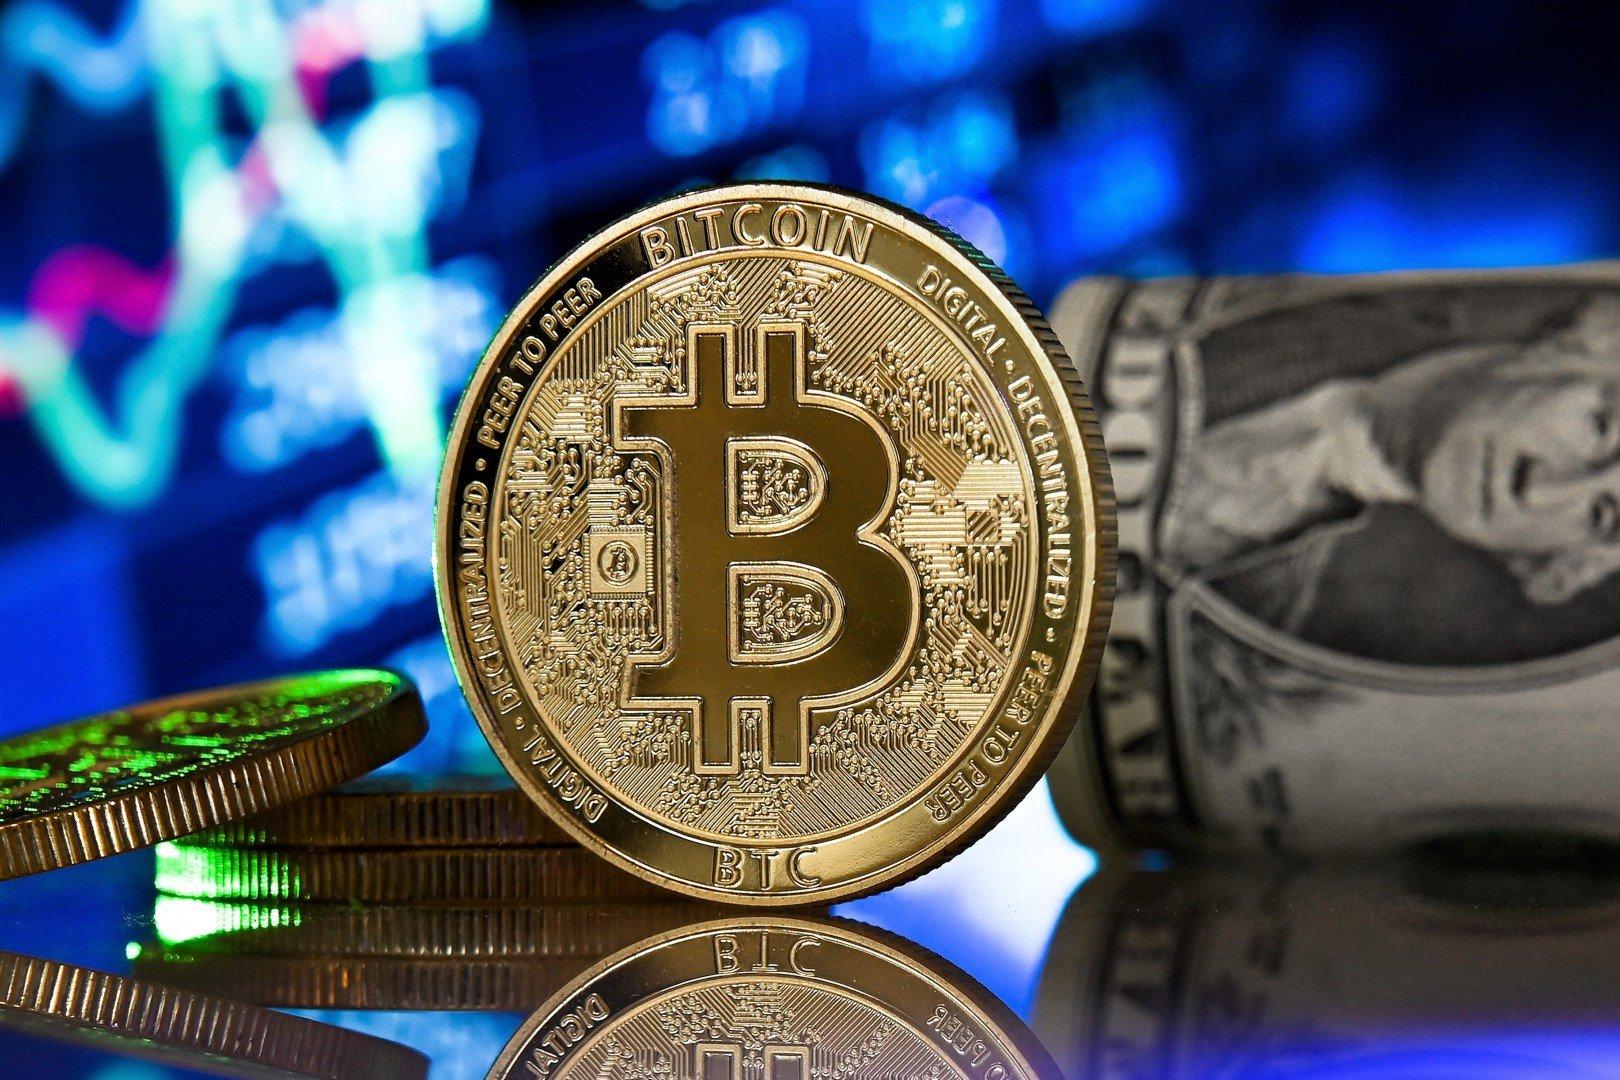 Prodhimi i kriptomonedhave, Bitcoin kërkon më shumë energji elektrike se disa shtete